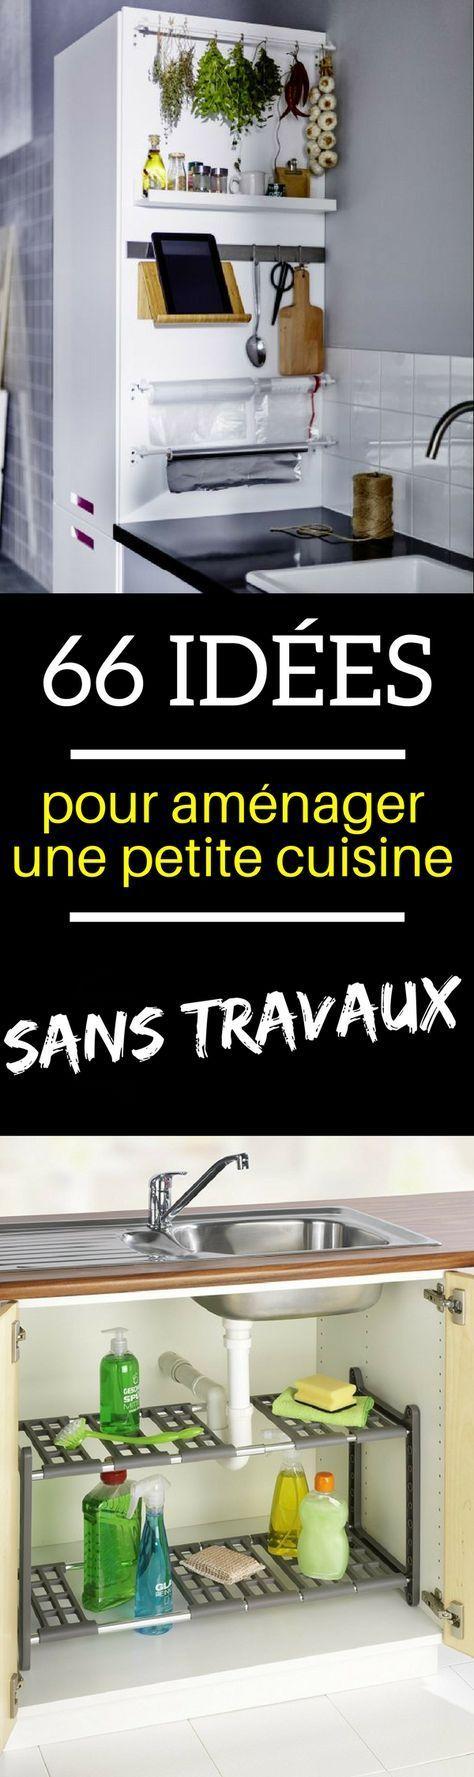 66 astuces id es rangement am nagement petite cuisine inspiration organisation - Cuisine pratique et fonctionnelle ...